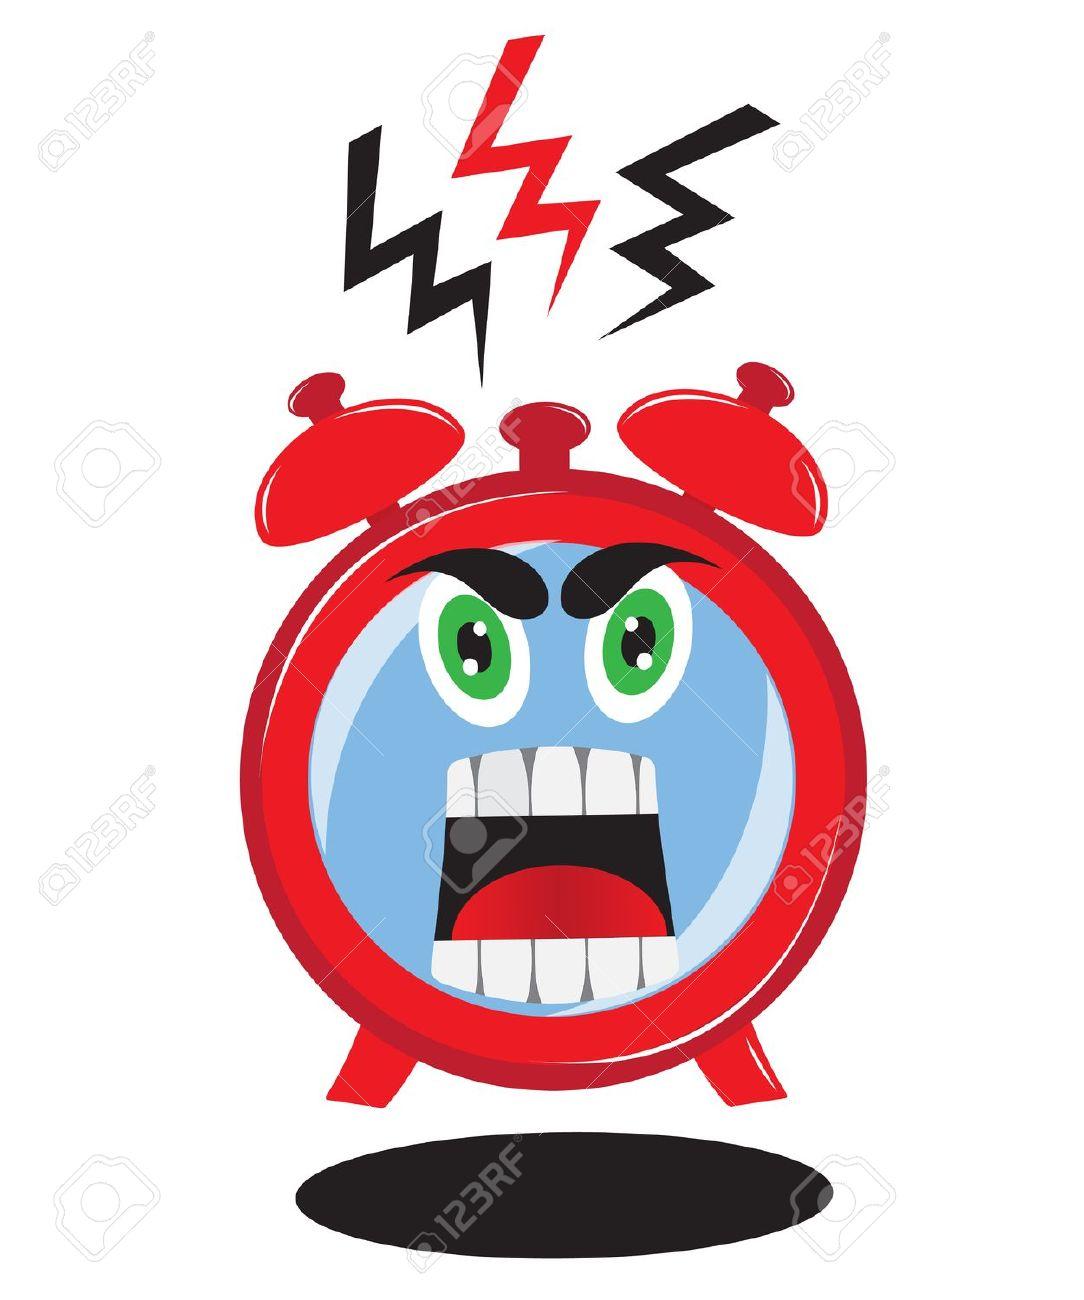 Alarm Clock Ringing Clip Art.